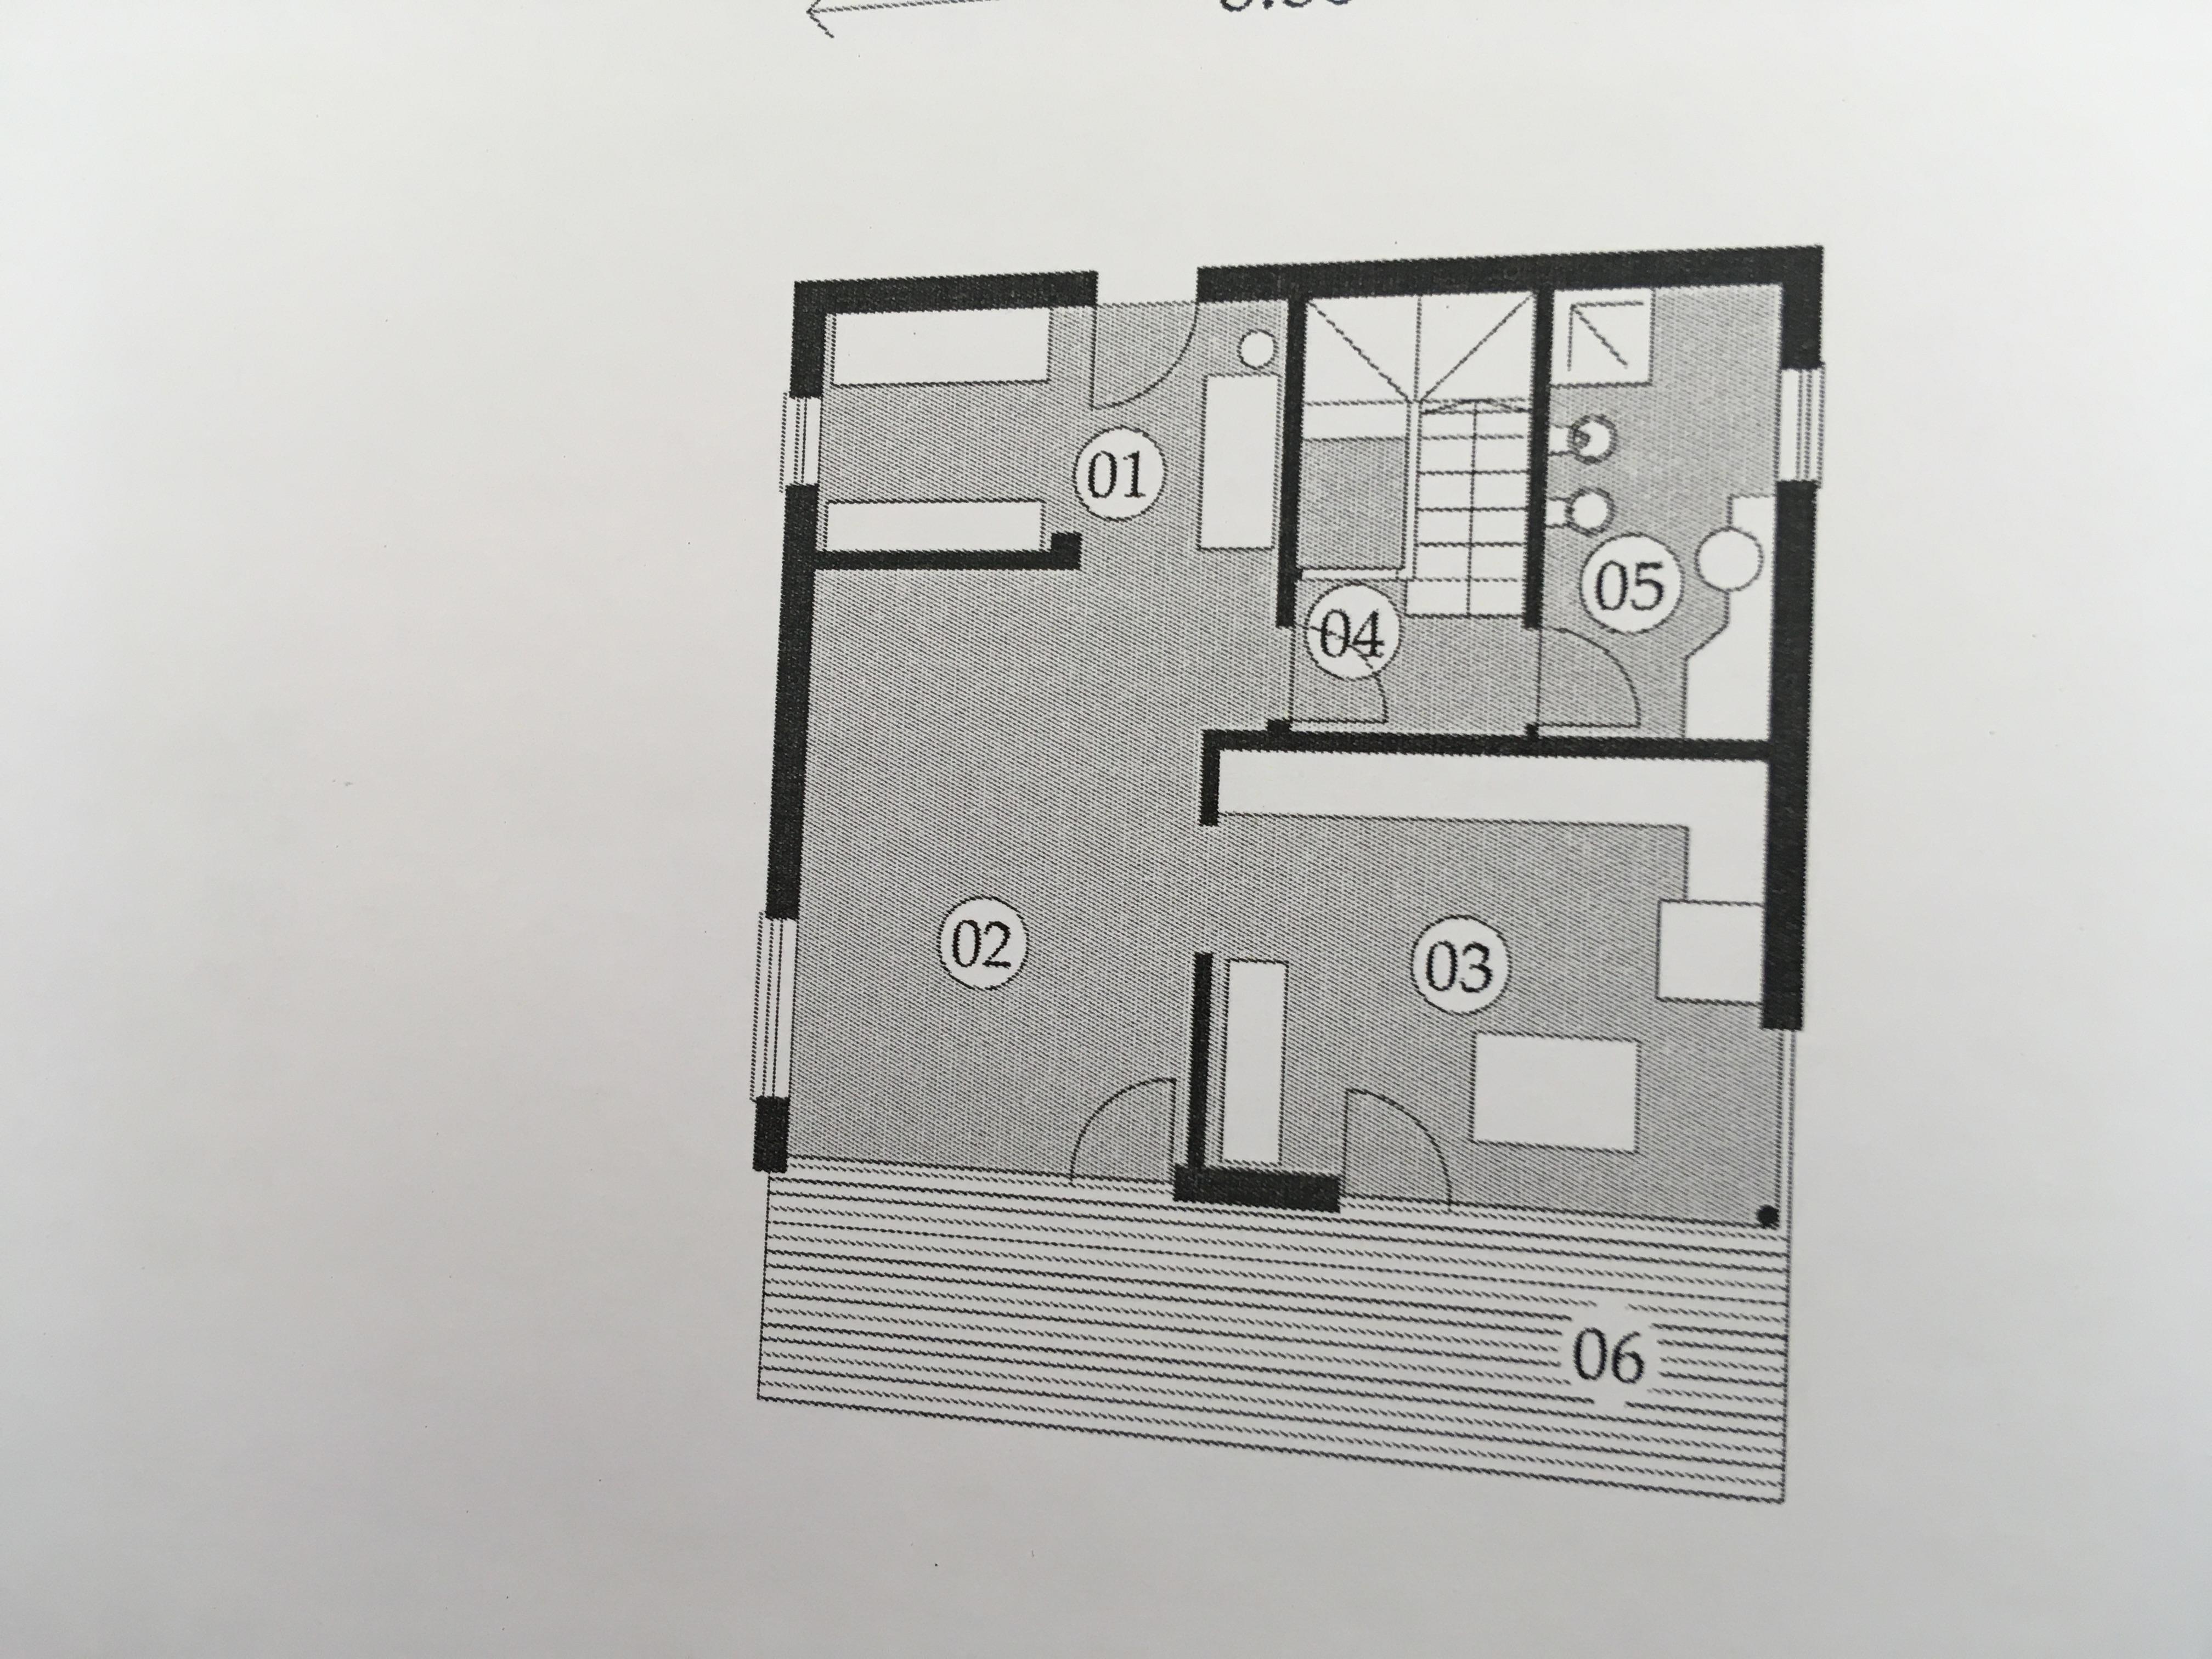 Planimetria della costruzione Casa in Legno modello Casa con facciate in Pietra  a due piani  di RIKO-HISE srl - Arch. Daniele Bonzi